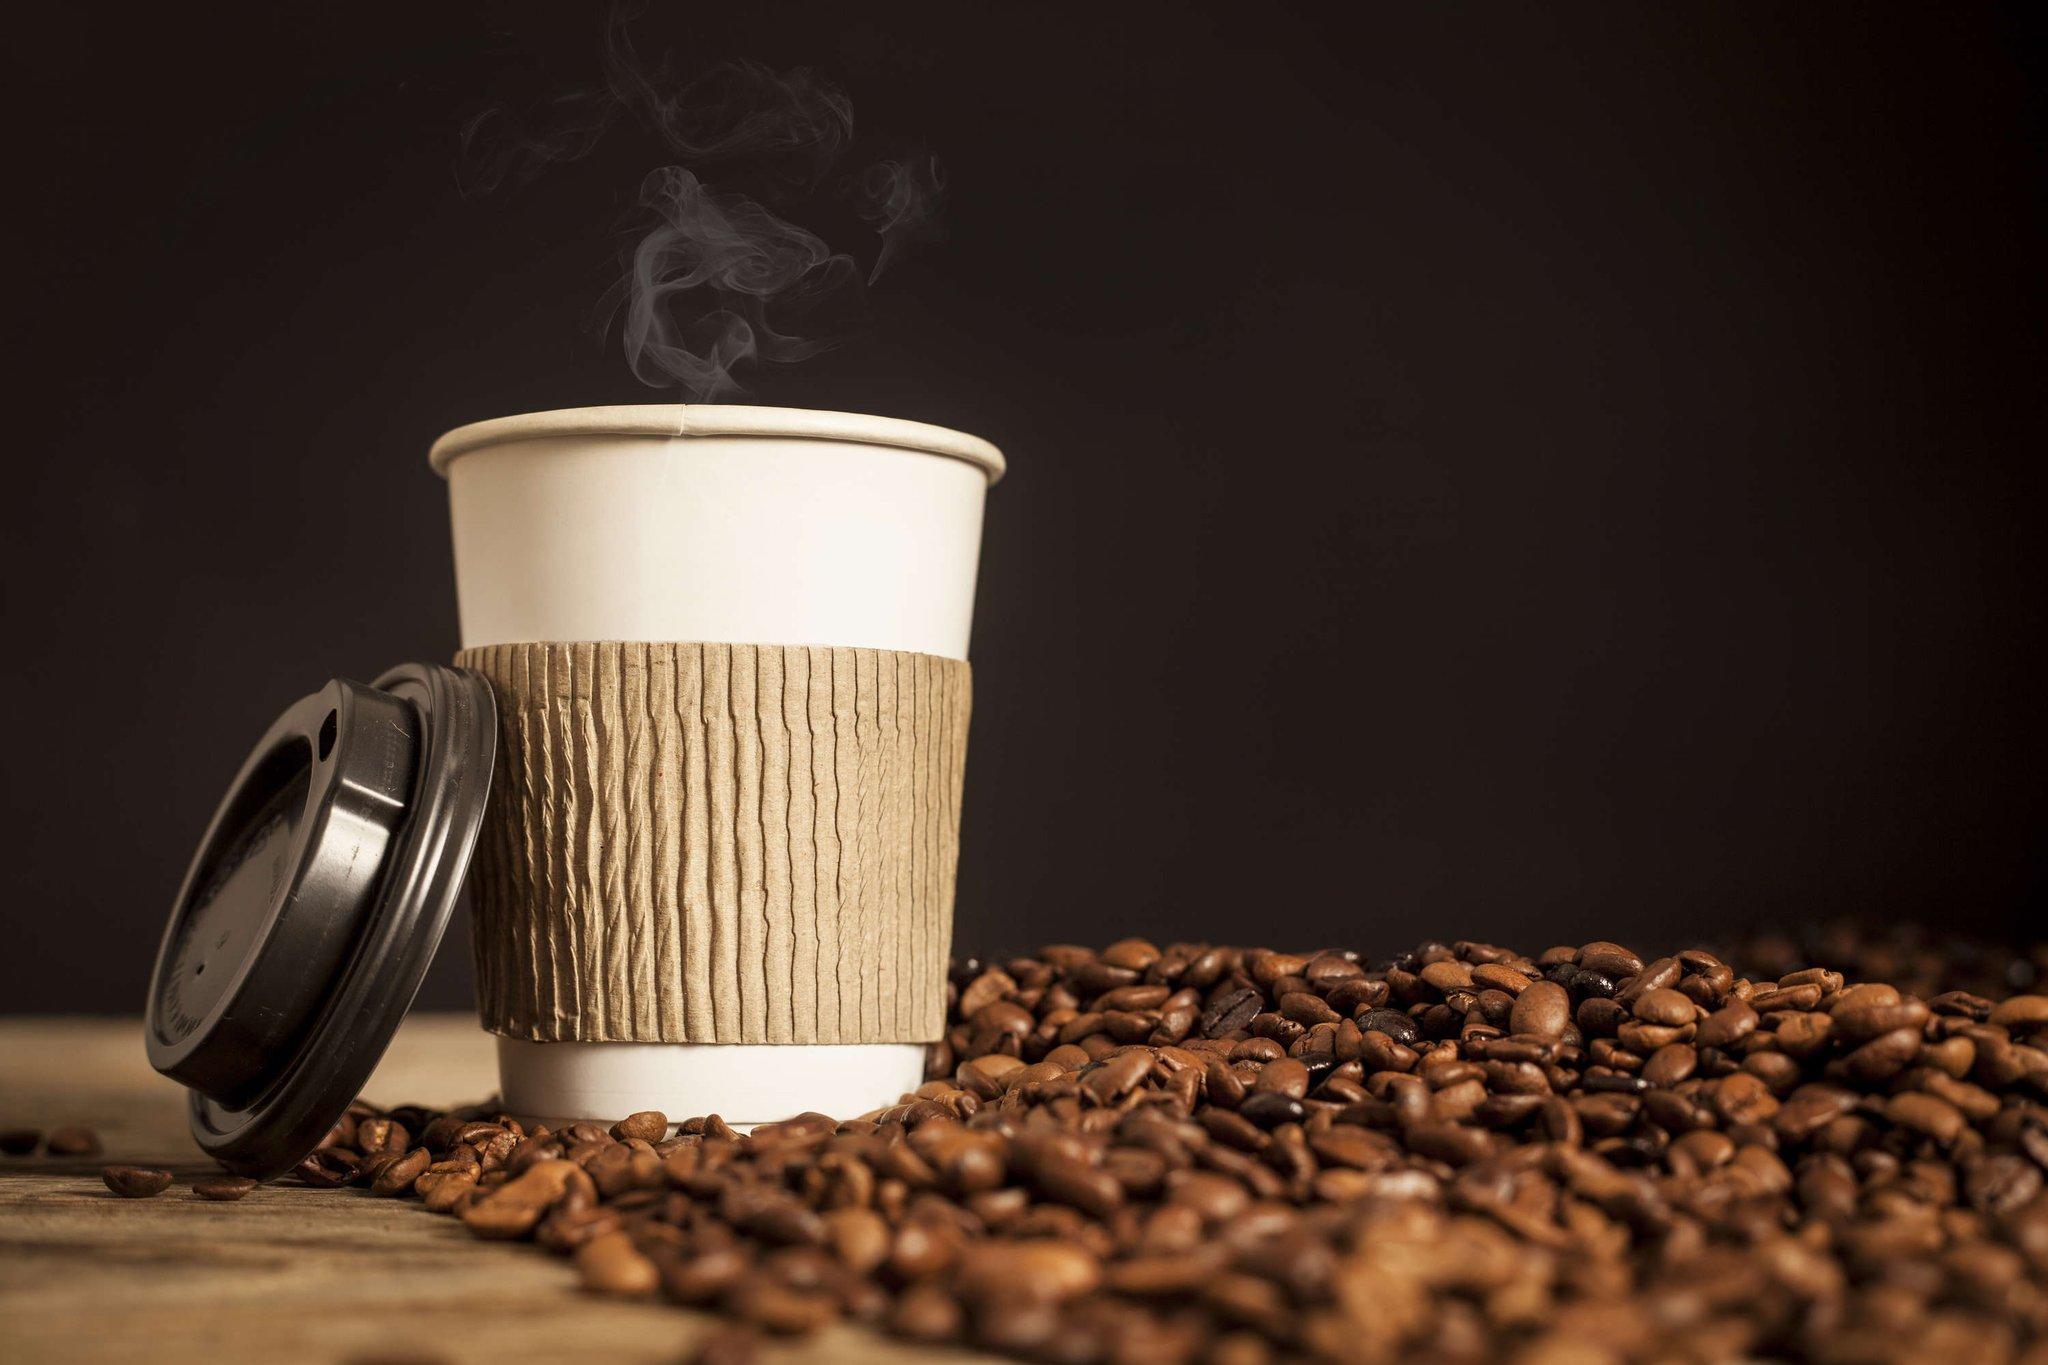 кофе с собой фото высокого качества этом вопросе нужно